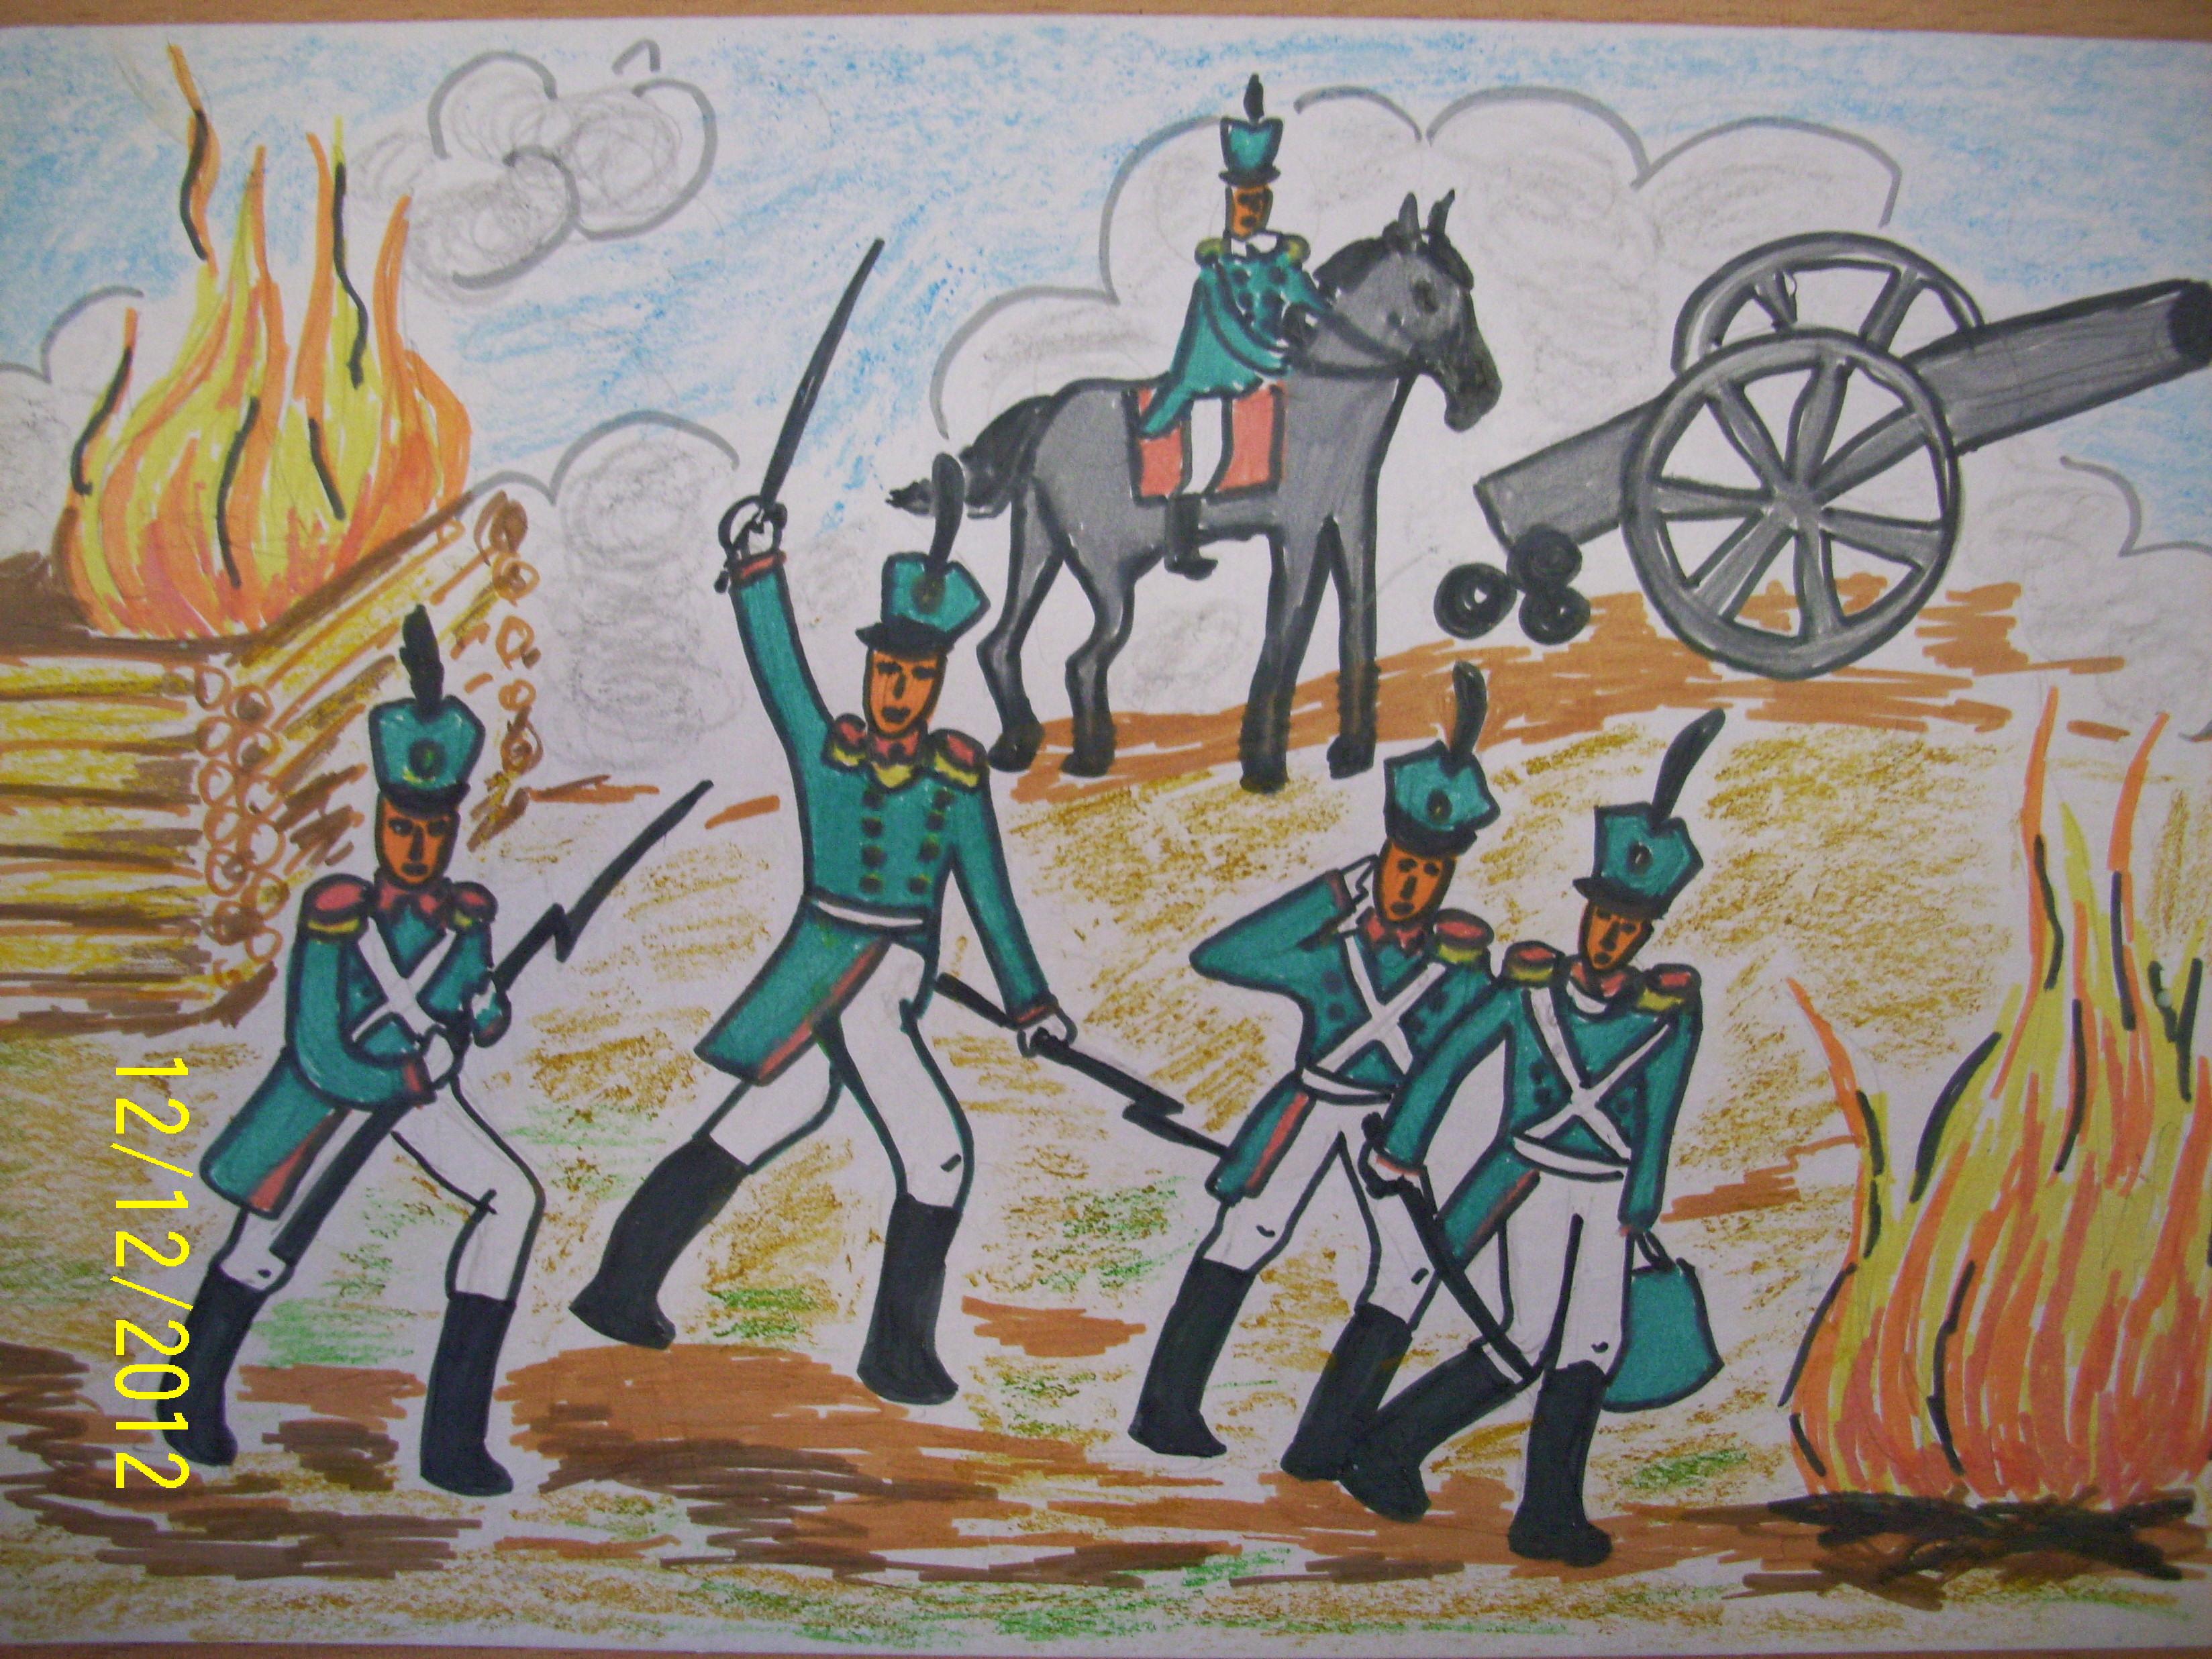 """... Бородинское сражение"""". Автор - """"Нюньков: www.labirint.ru/borodino/work/6712"""